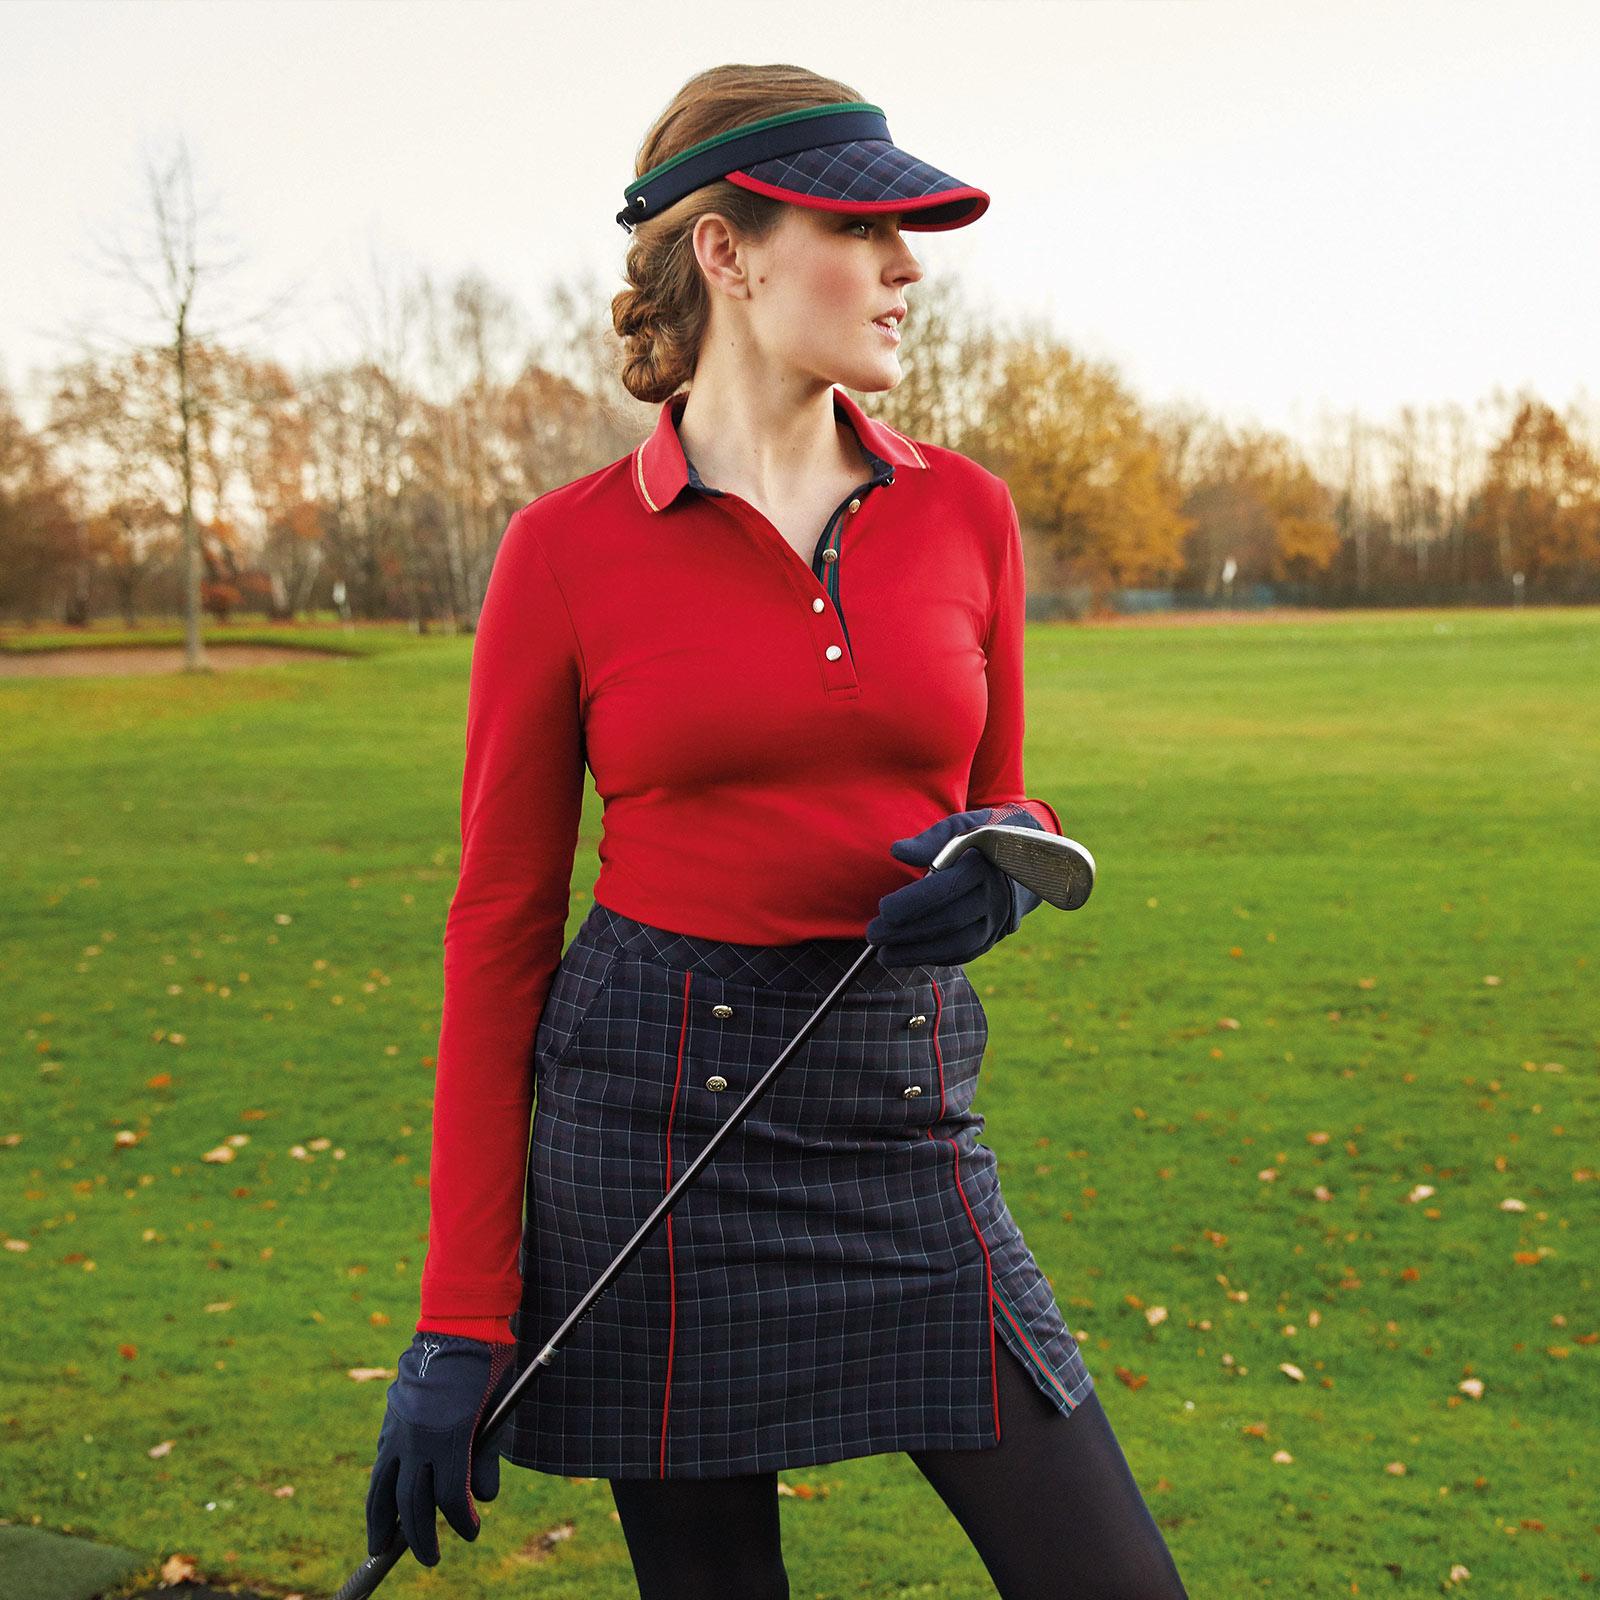 Damen Medium Karo-Golfskort aus softem Stretch mit innenliegenden Shorts